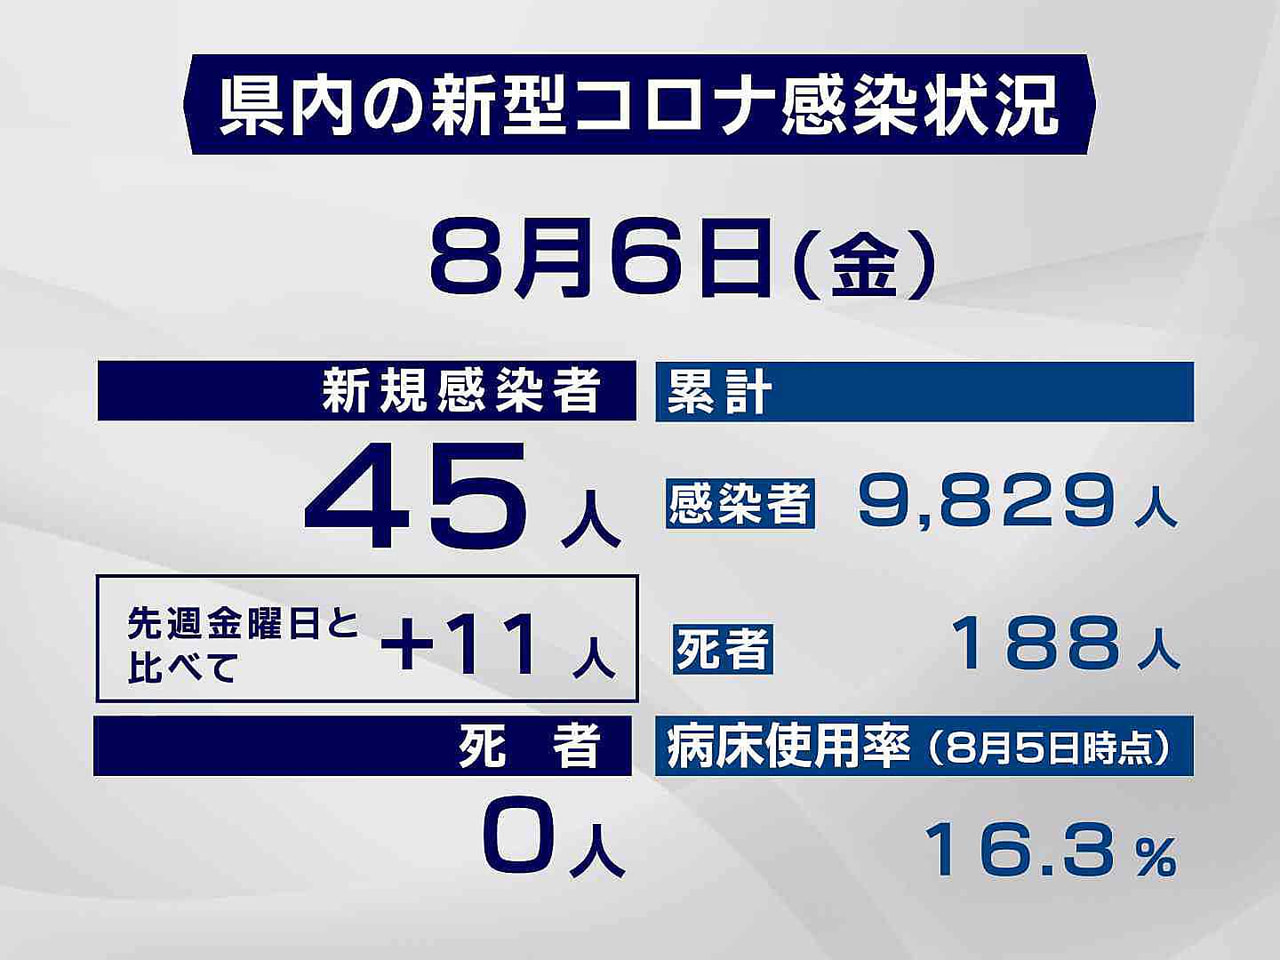 岐阜県と岐阜市は6日、新型コロナウイルスの感染者が新たに45人確認されたと発表し...